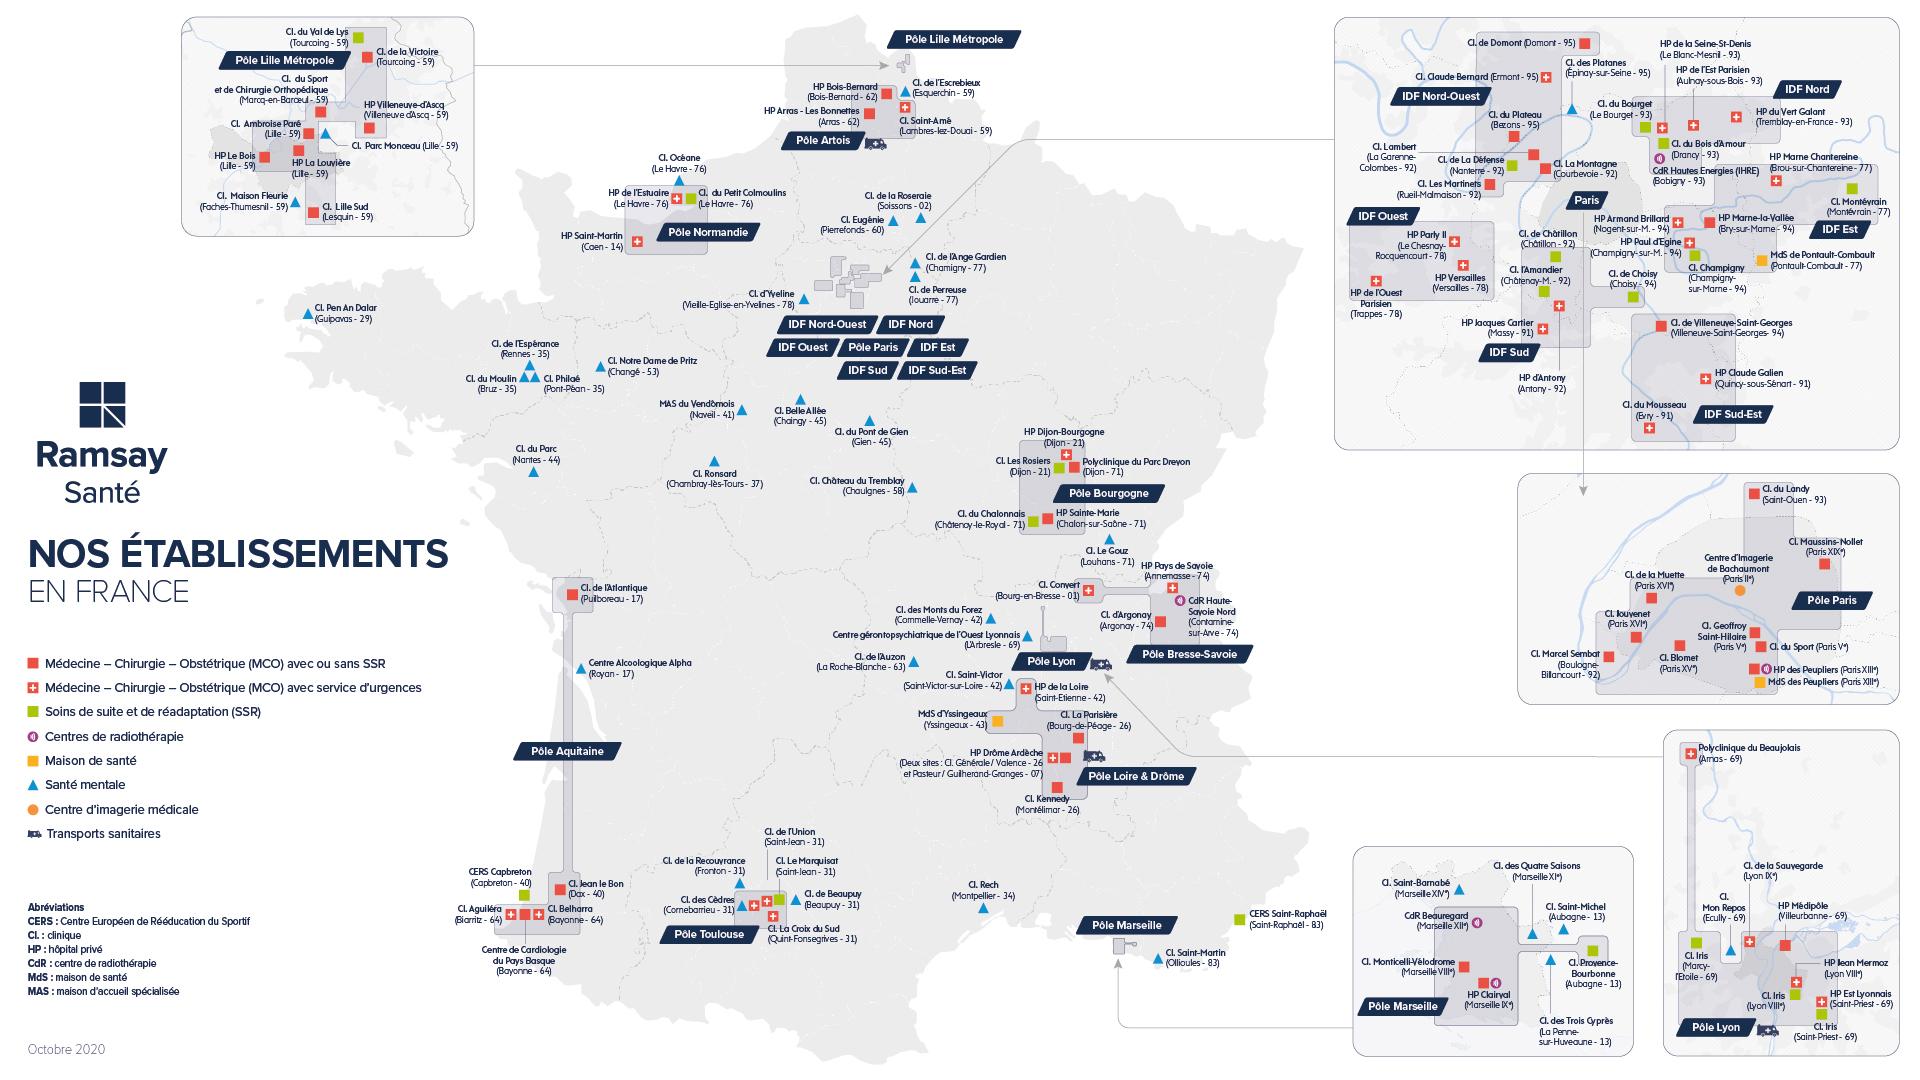 Carte de nos établissements en France